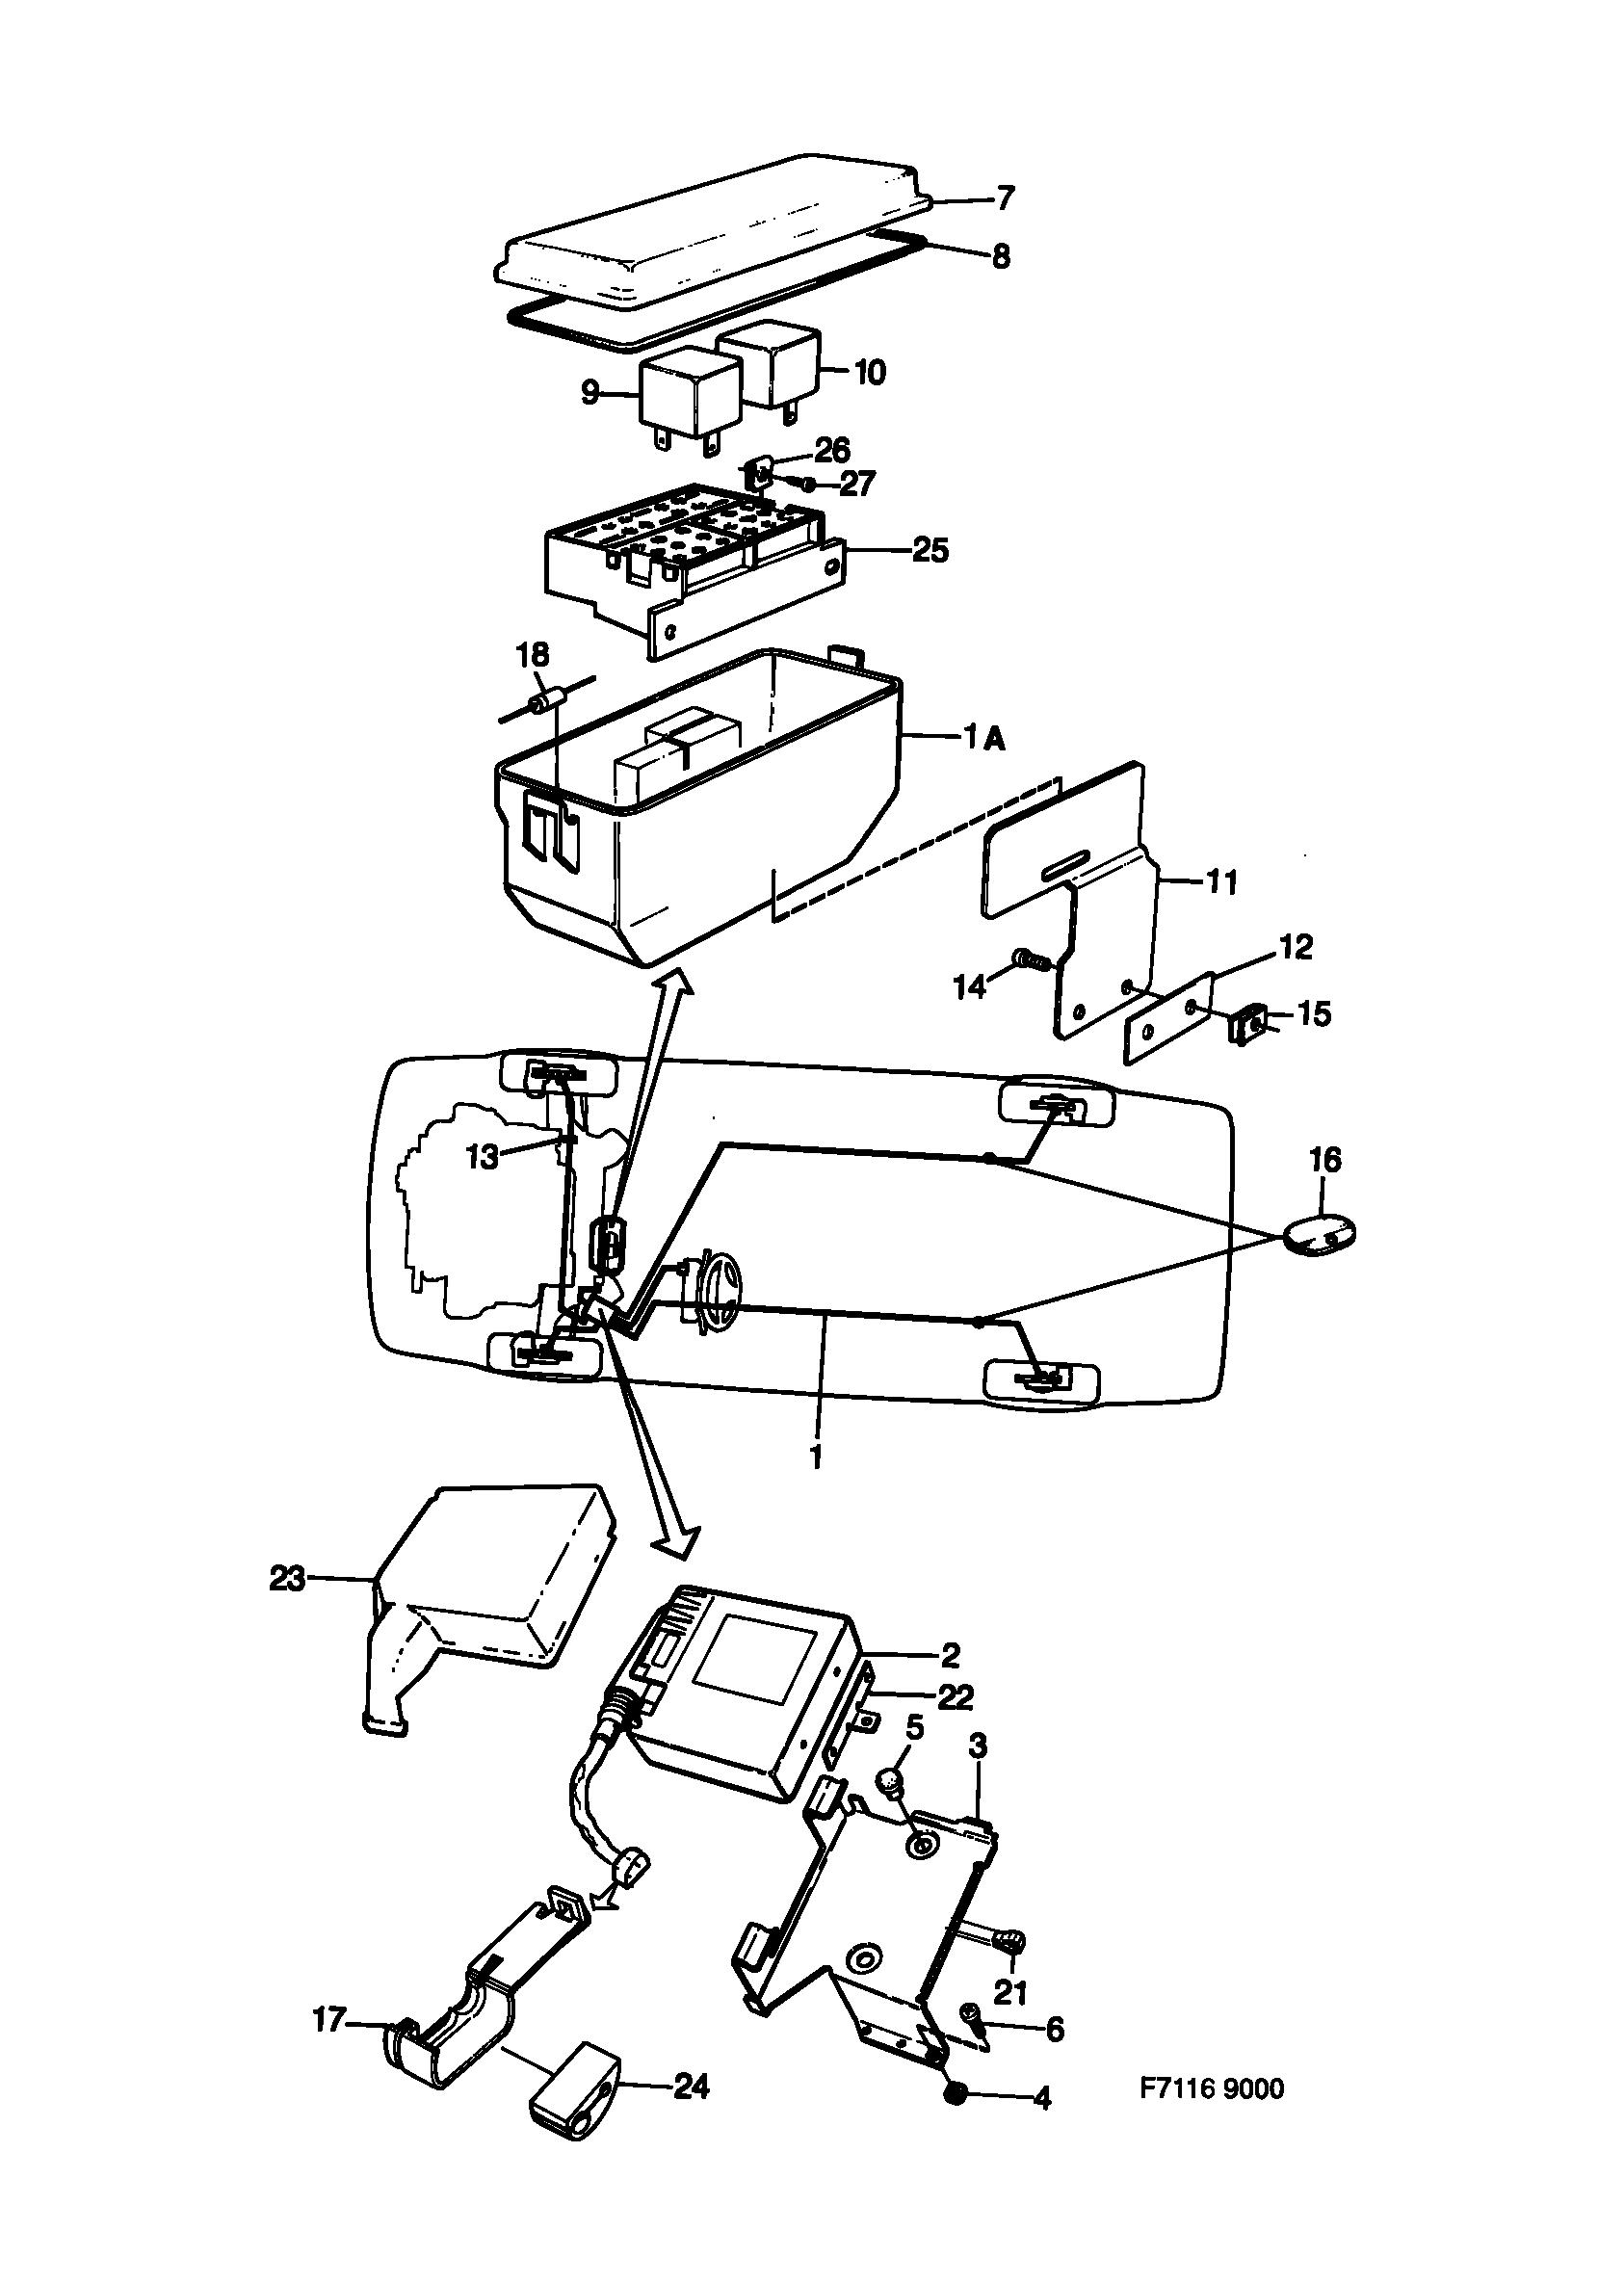 Saab 9000 Abs Wiring Diagram - Wiring Diagram